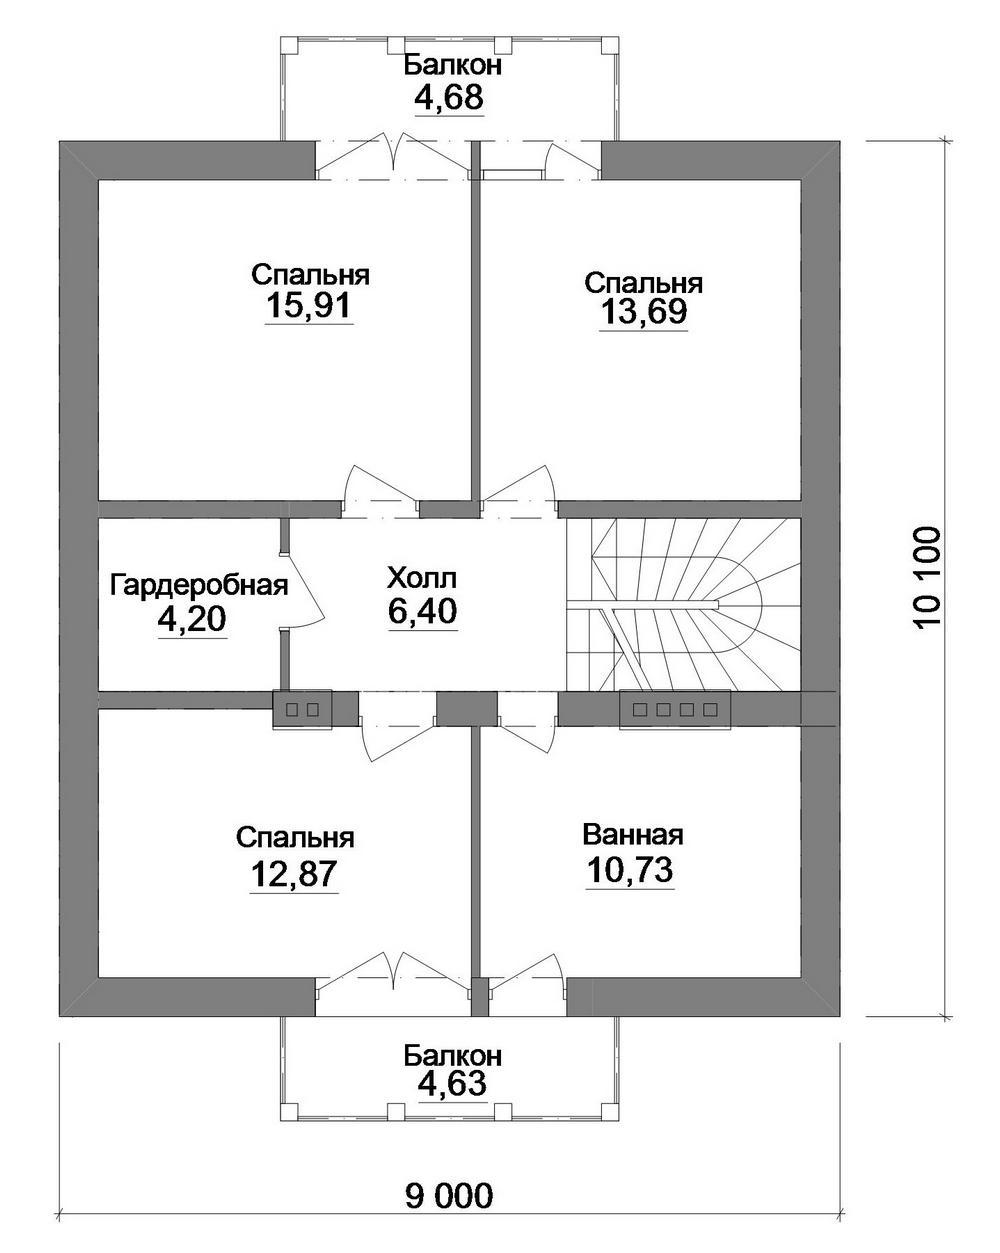 Аляска B-257 с видеообзором. Проект дома с мансардой, четырьмя спальнями и гостиной